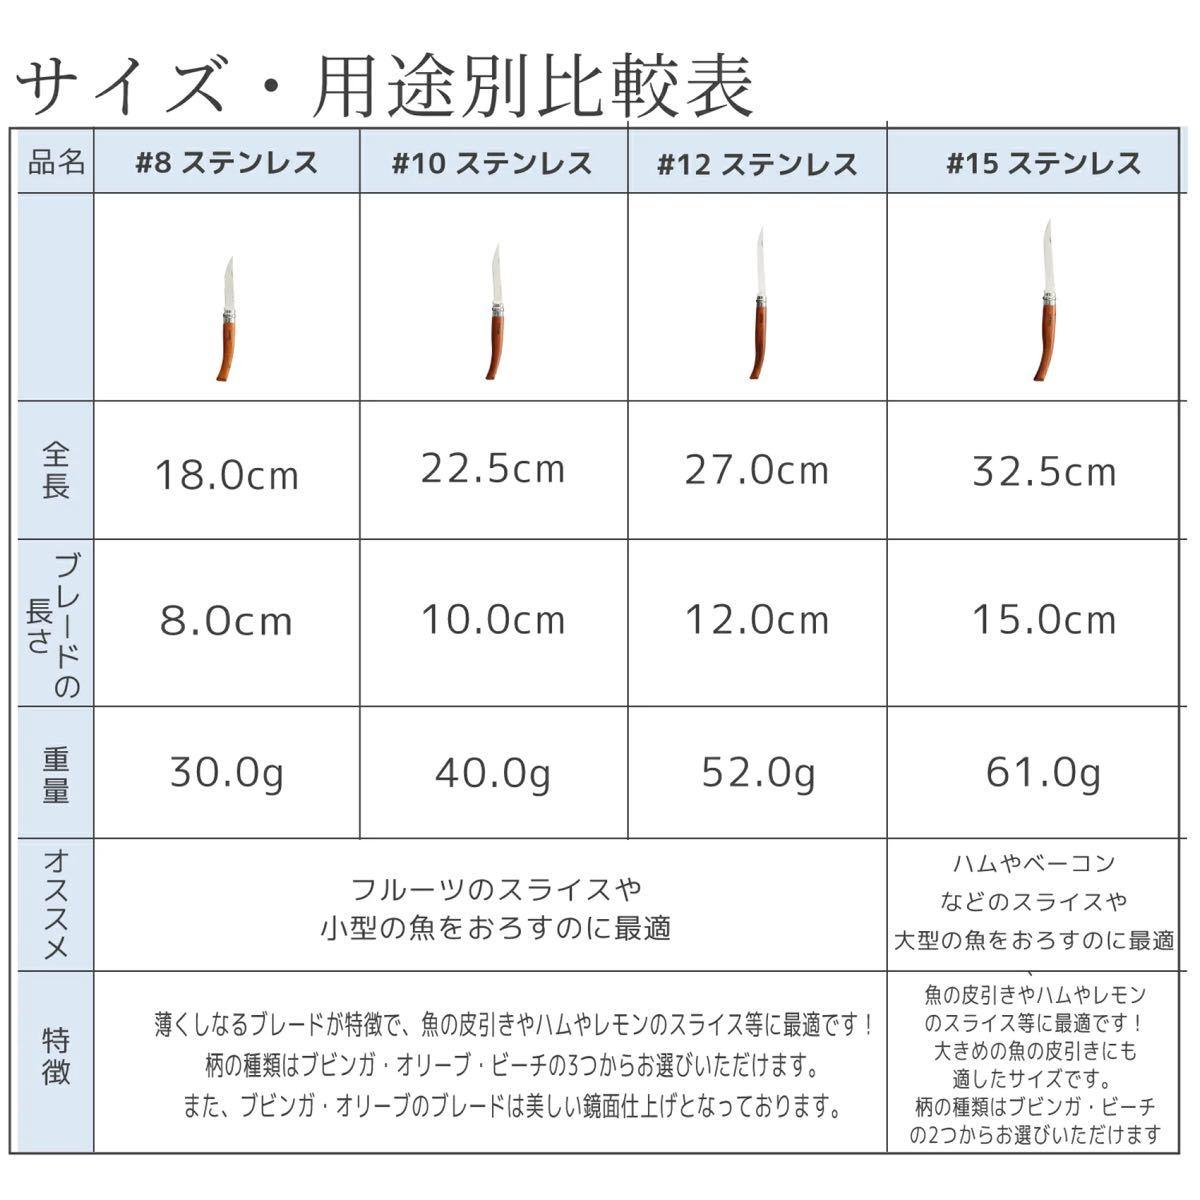 オピネル スリムナイフ ブビンガ #12 12cm  新品 ソロキャンプ OPINEL